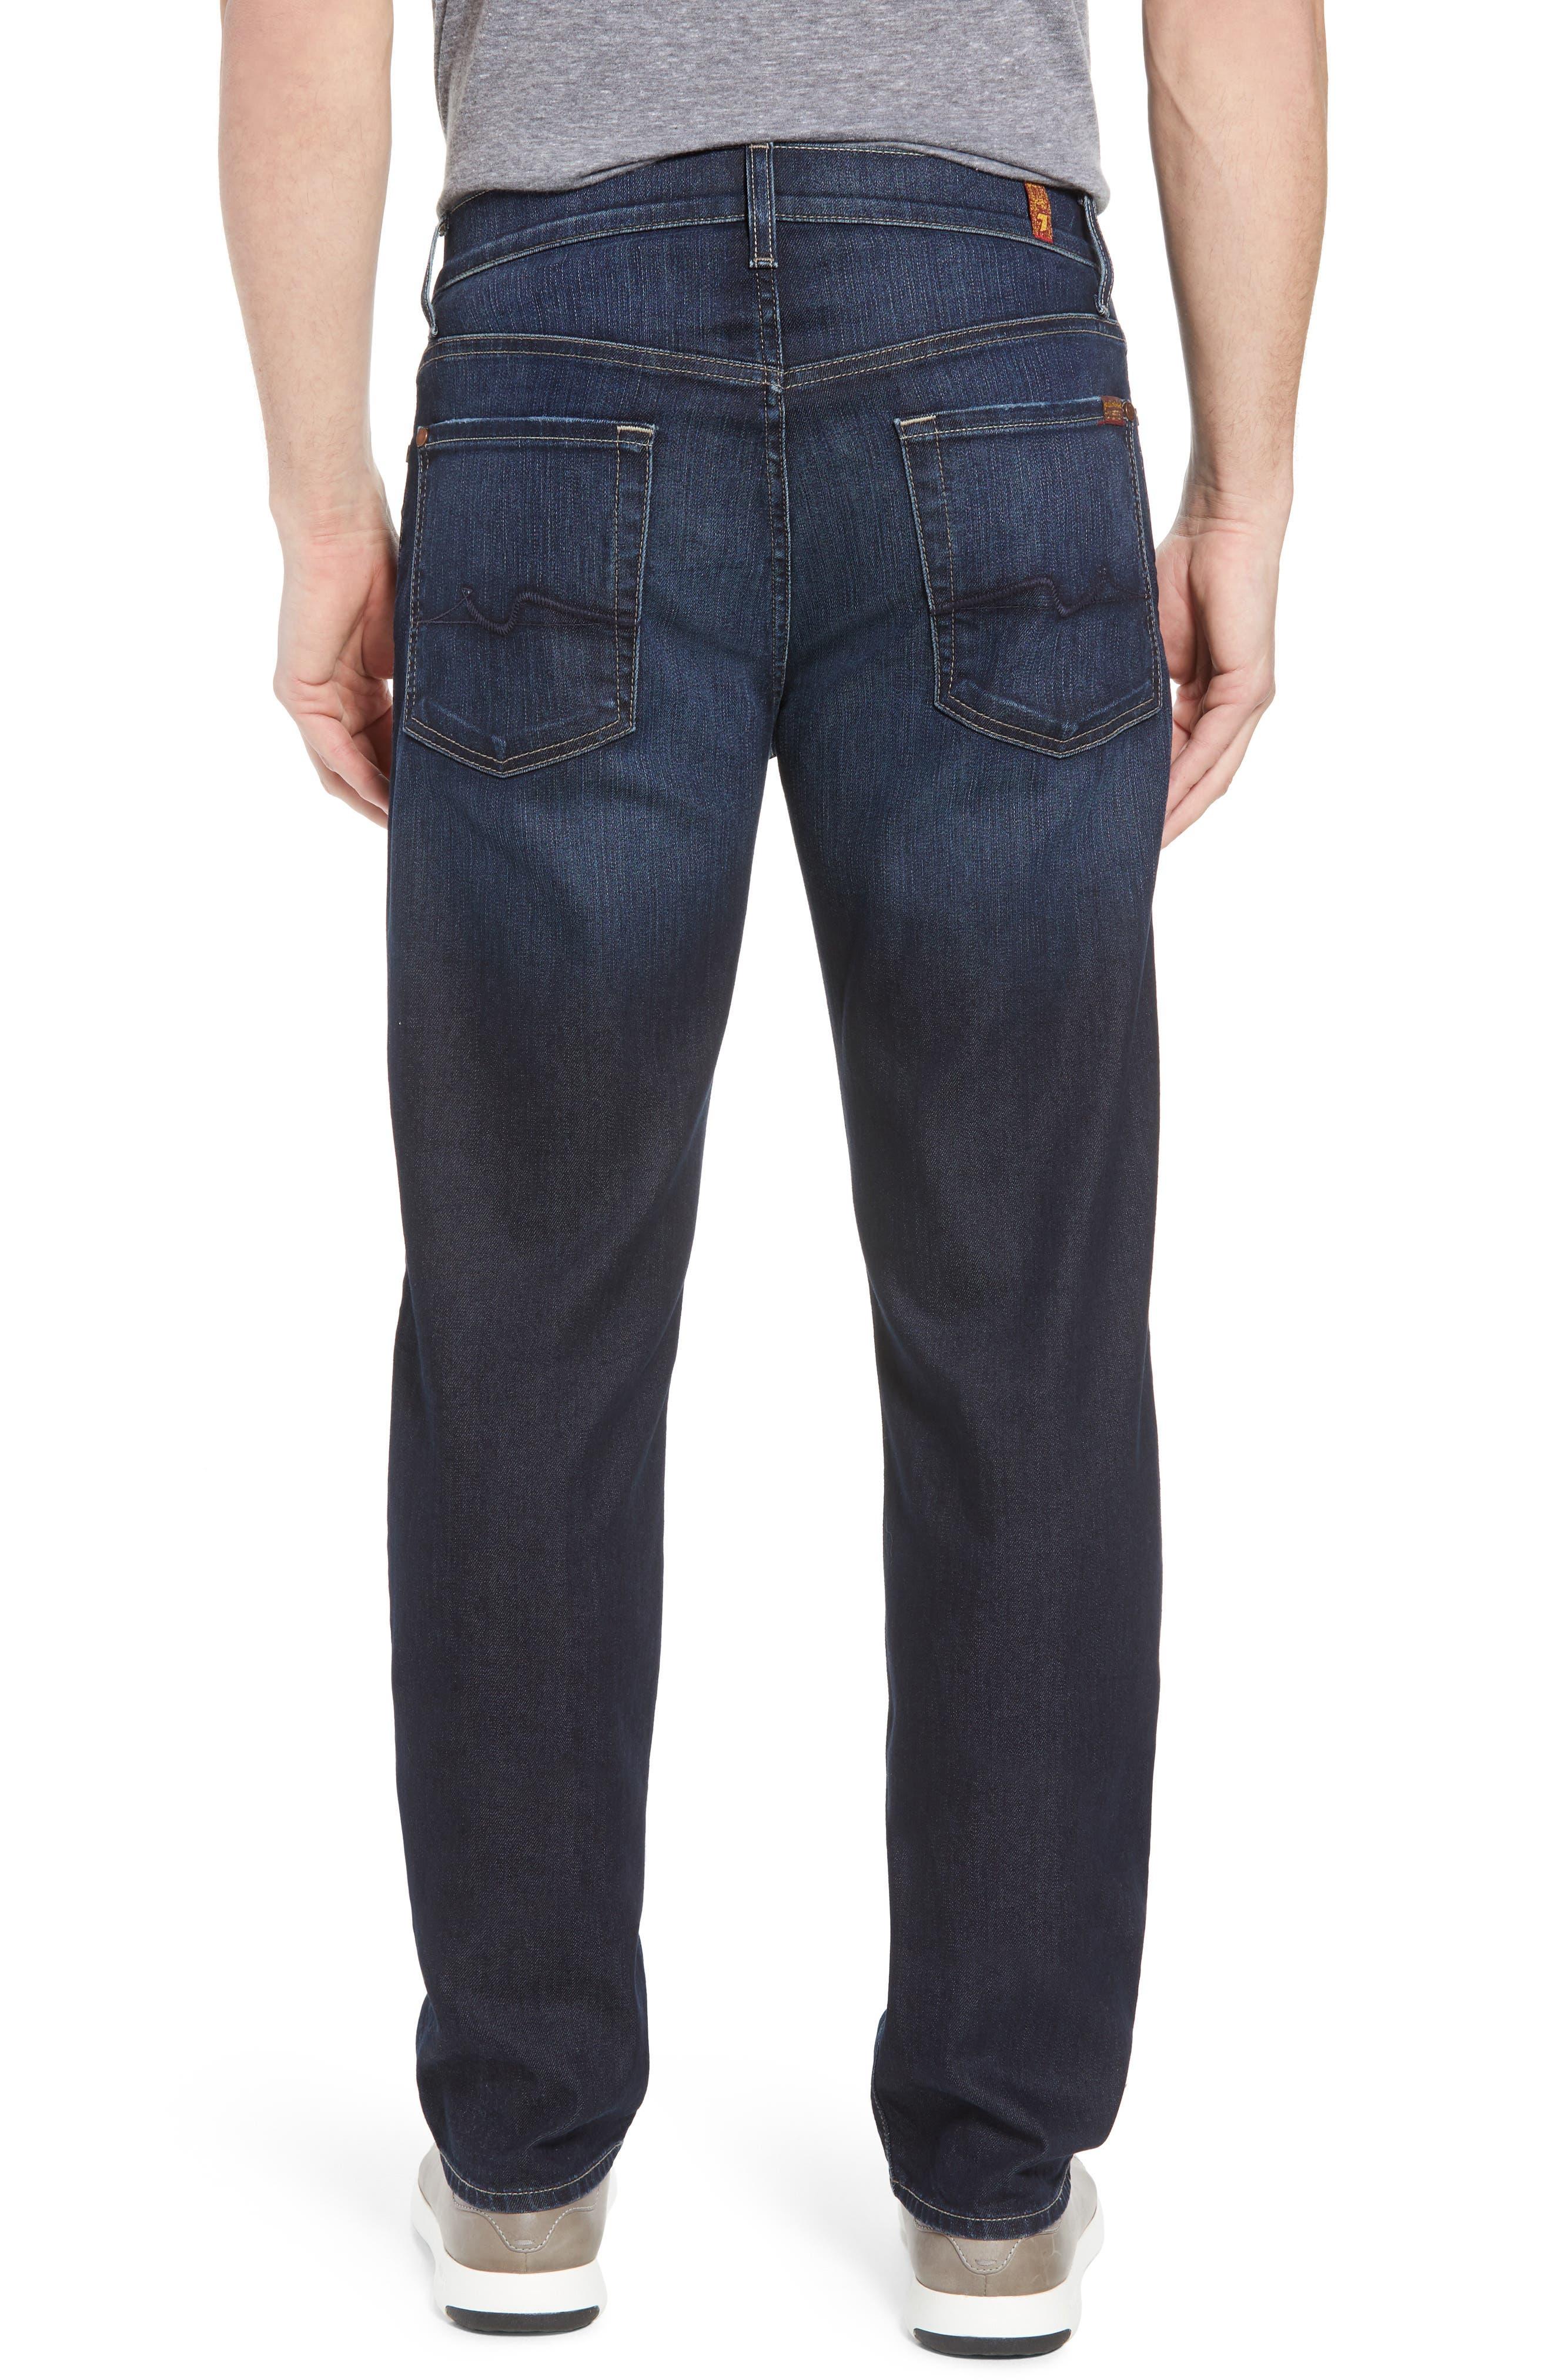 Airweft Standard Straight Leg Jeans,                             Alternate thumbnail 2, color,                             Concierge